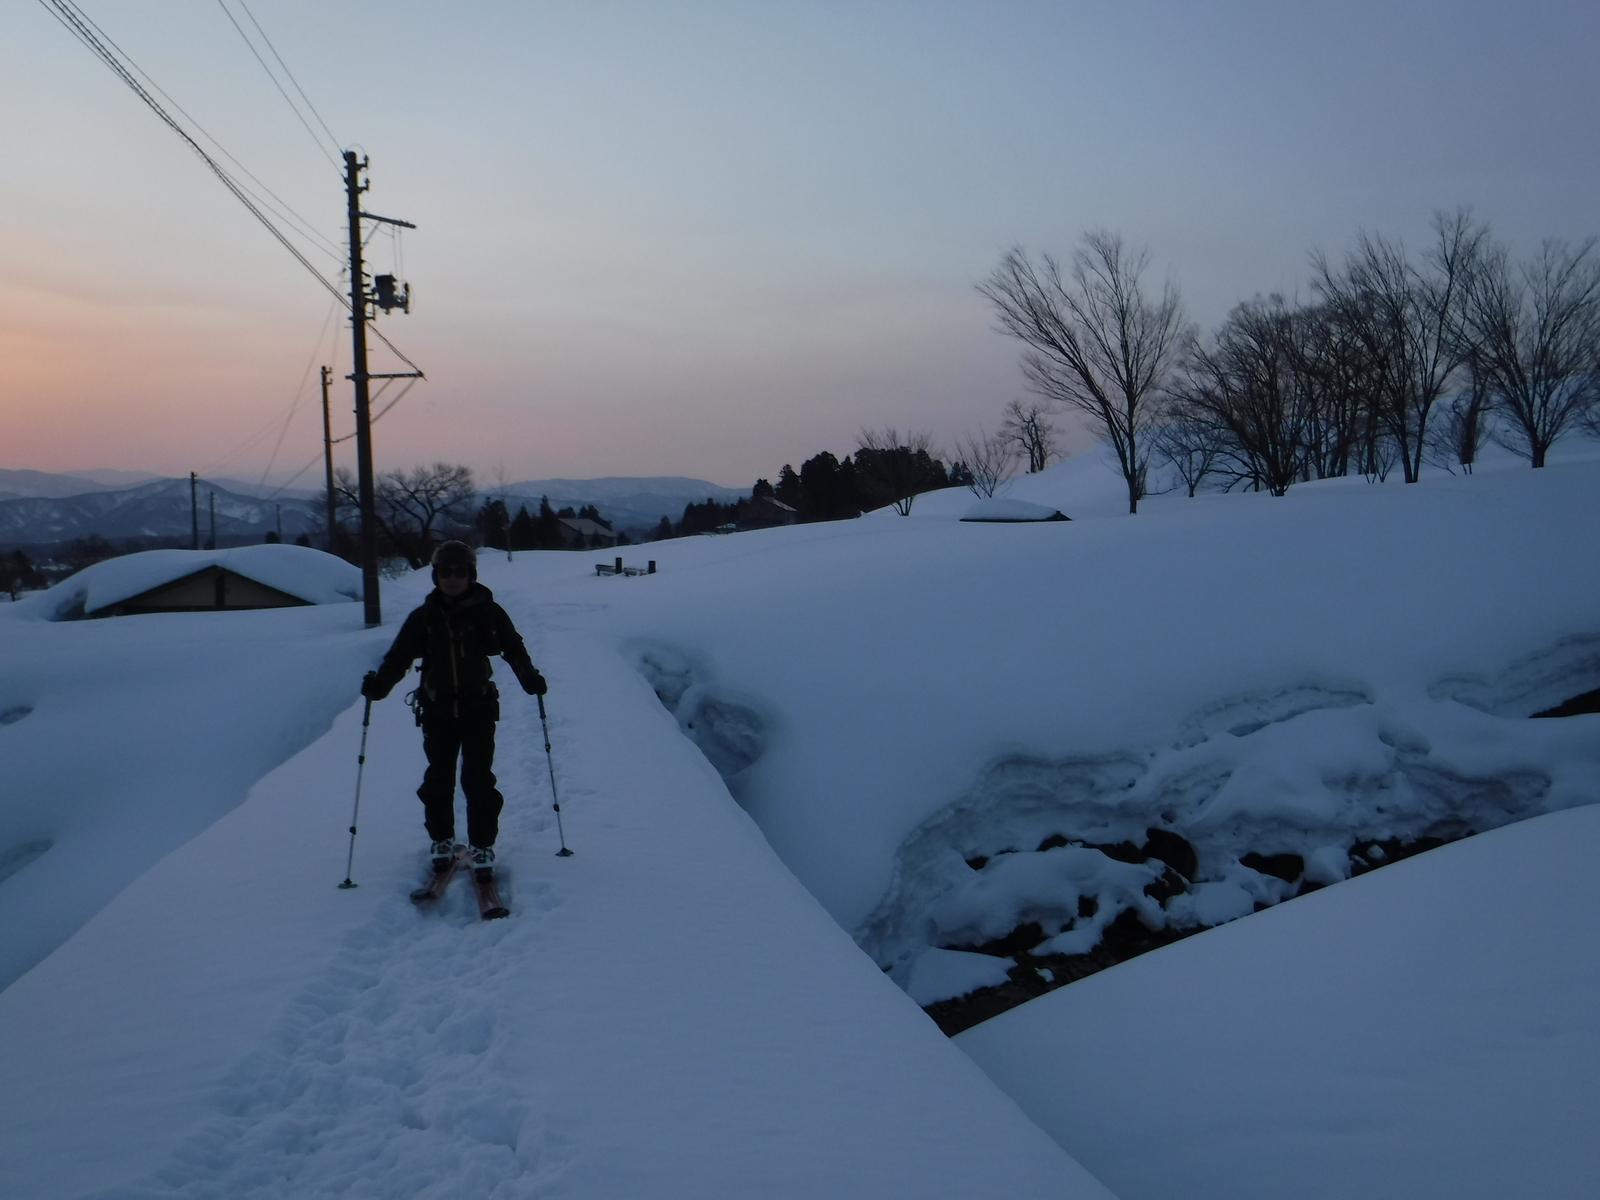 6:50 夜明けの西野谷集落を後に